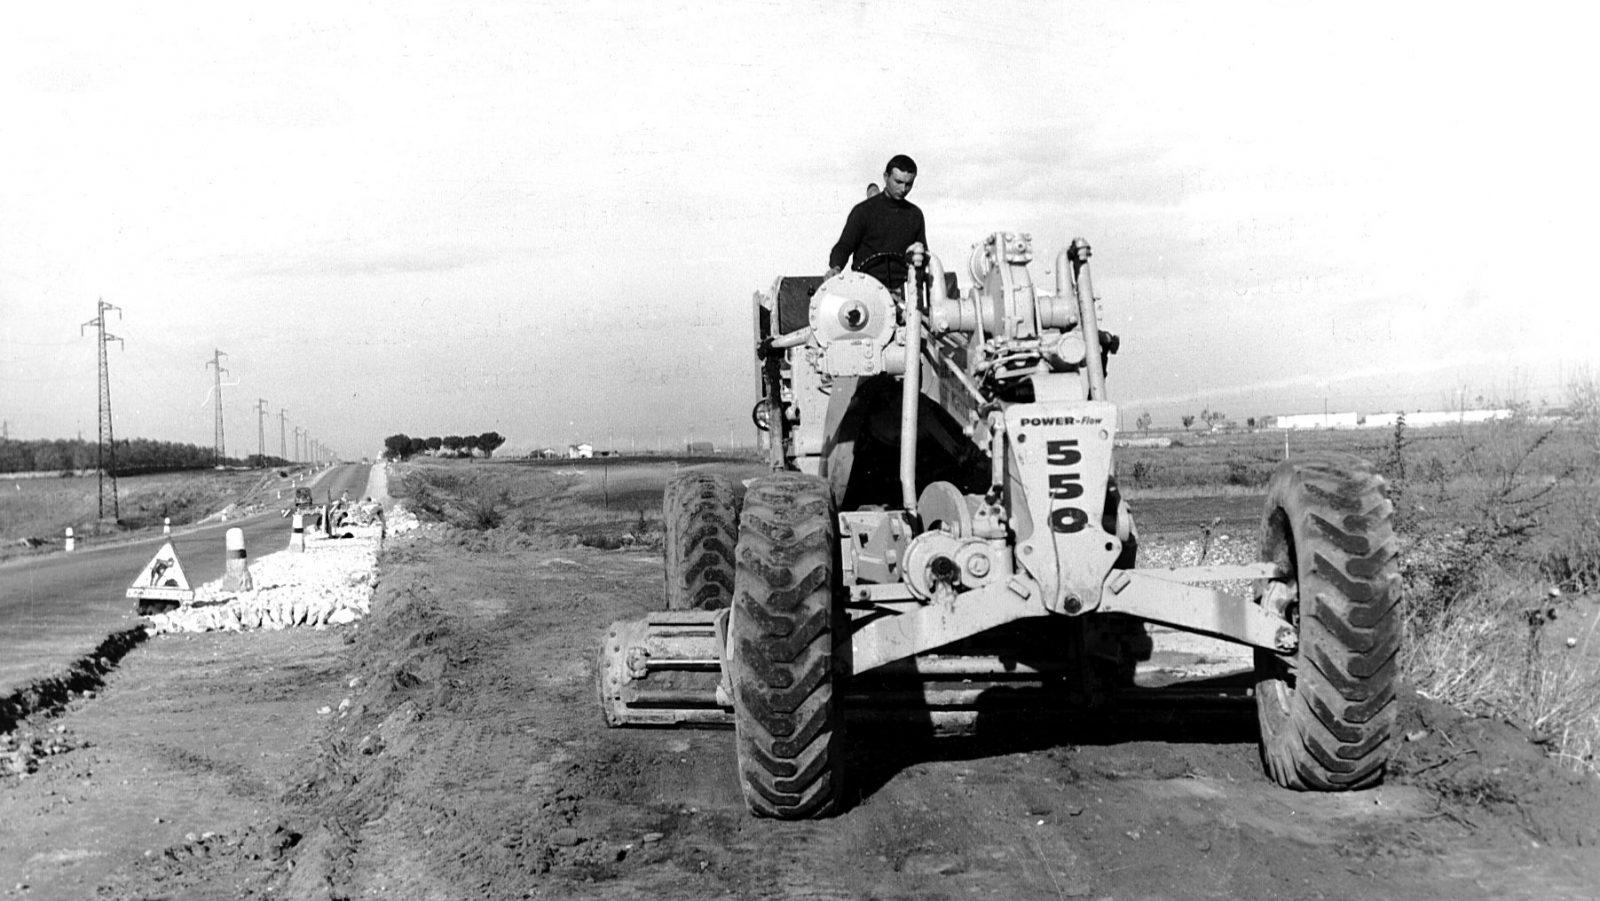 """Puglia, strada statale 16 """"Adriatica, allargamento della sede stradale in provincia di Bari, 1962 (Archivio storico Anas)"""